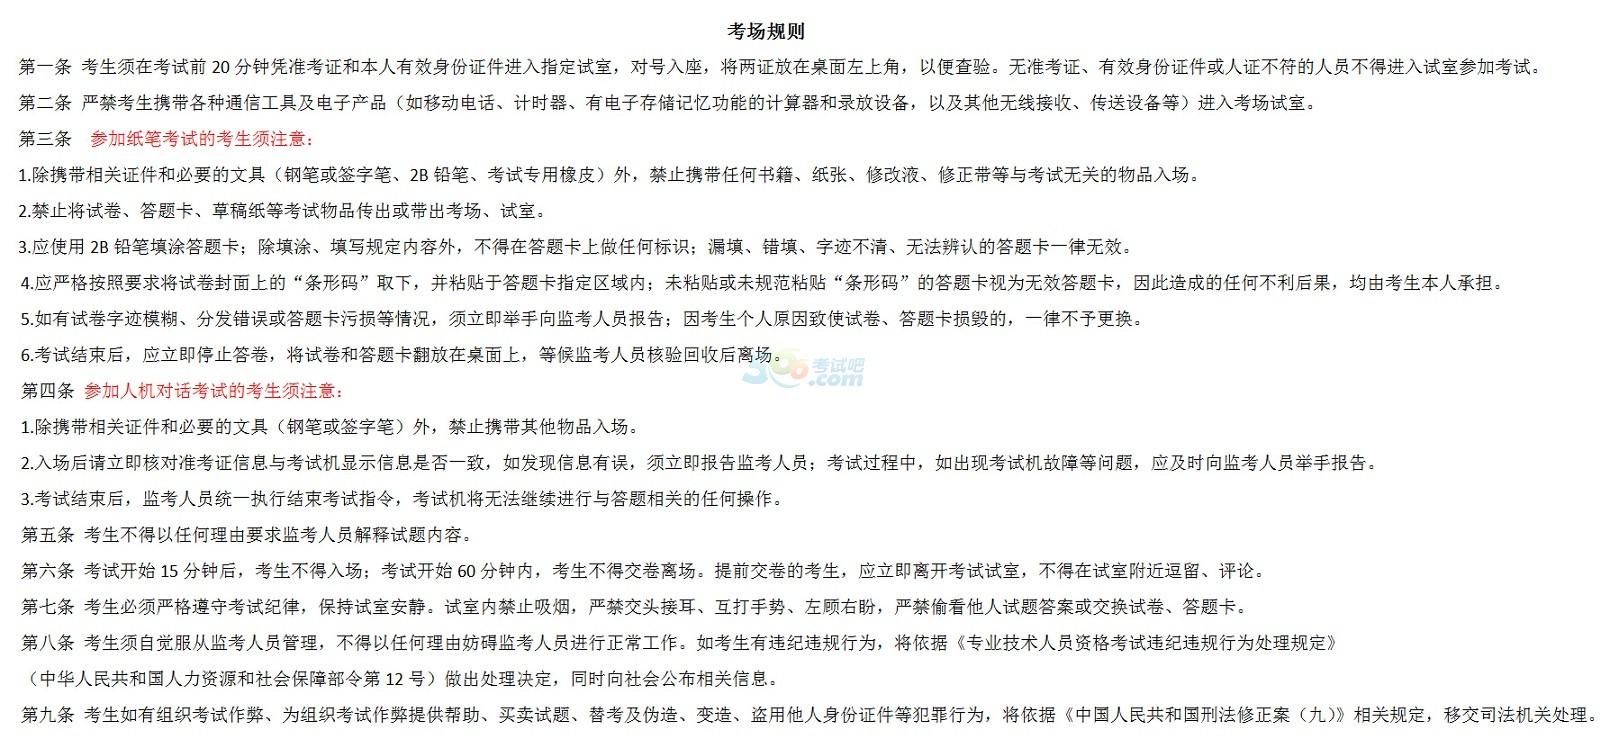 2016年护士证考试成绩查询入口:中国卫生人才网-执业护士-考试吧